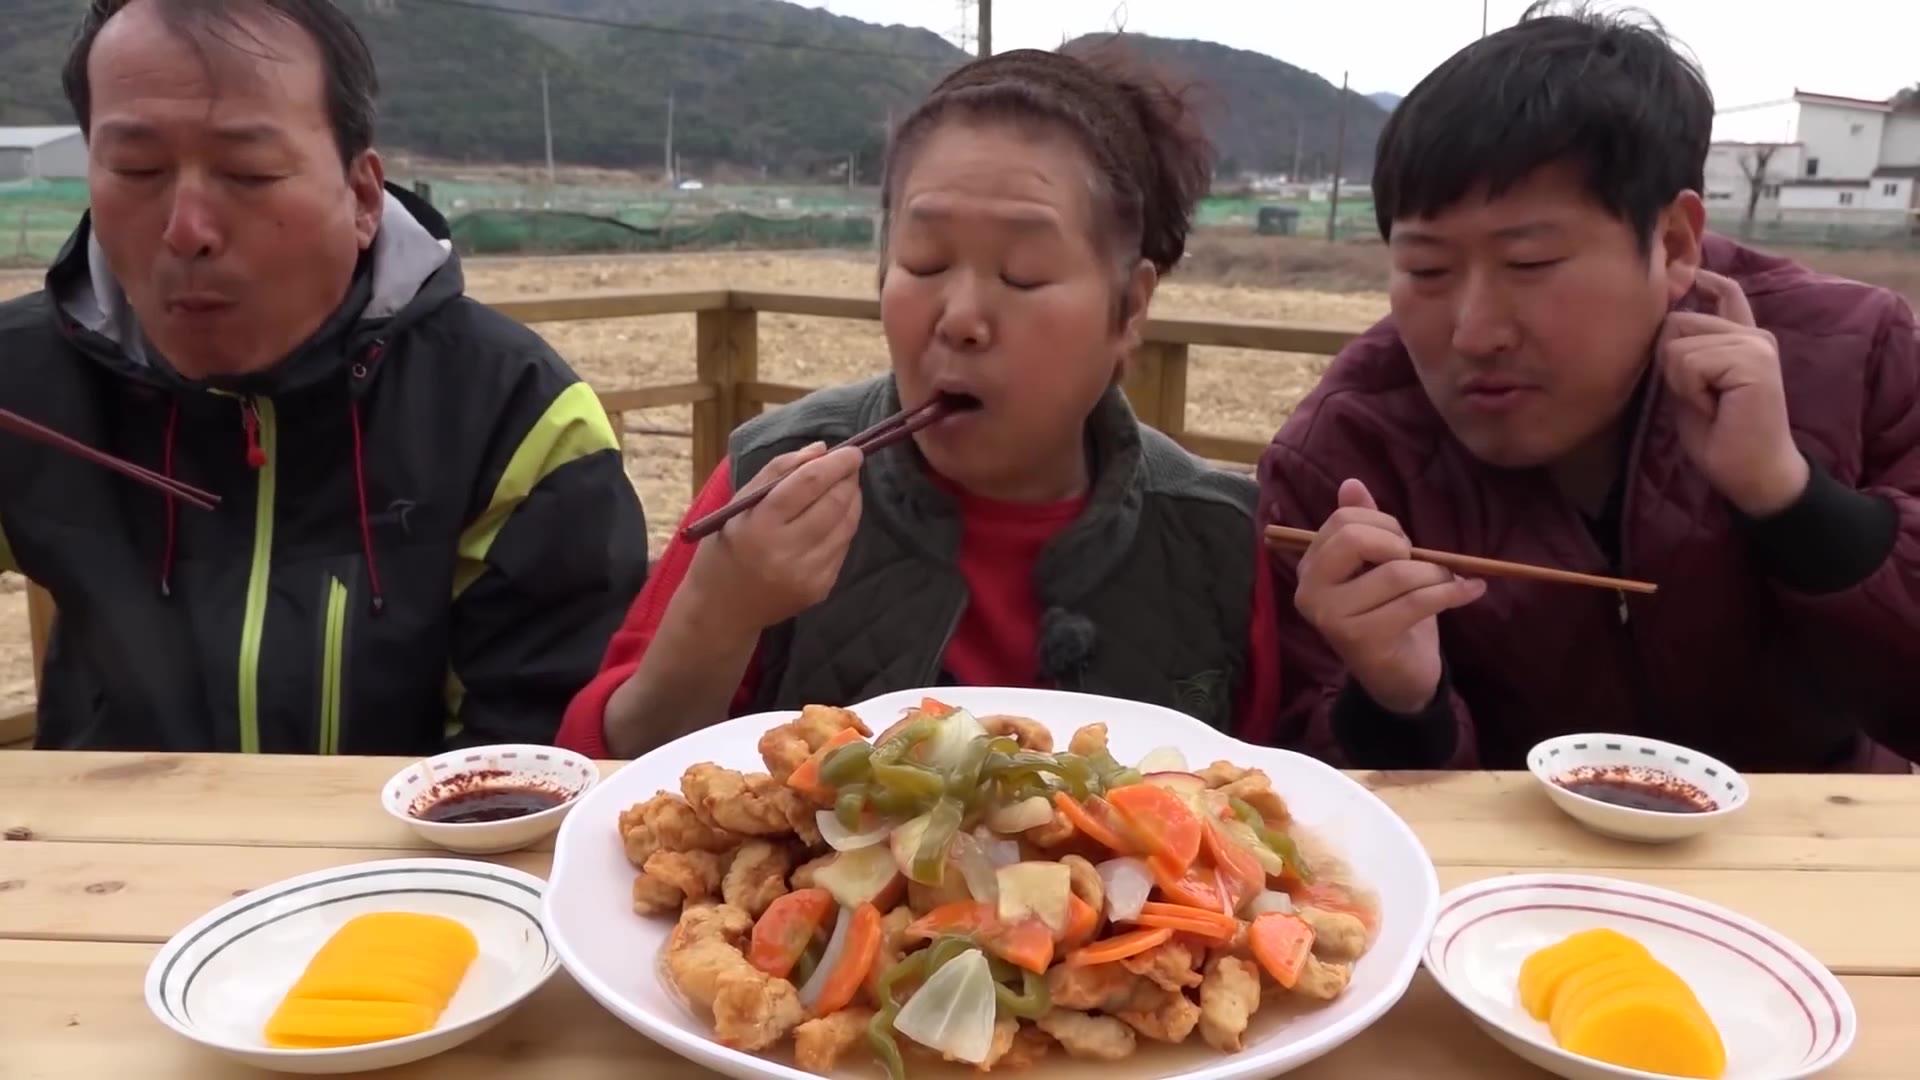 妈妈独门的蔬菜锅包肉制作方法,淋上一层灵魂酱汁,好吃爆了!